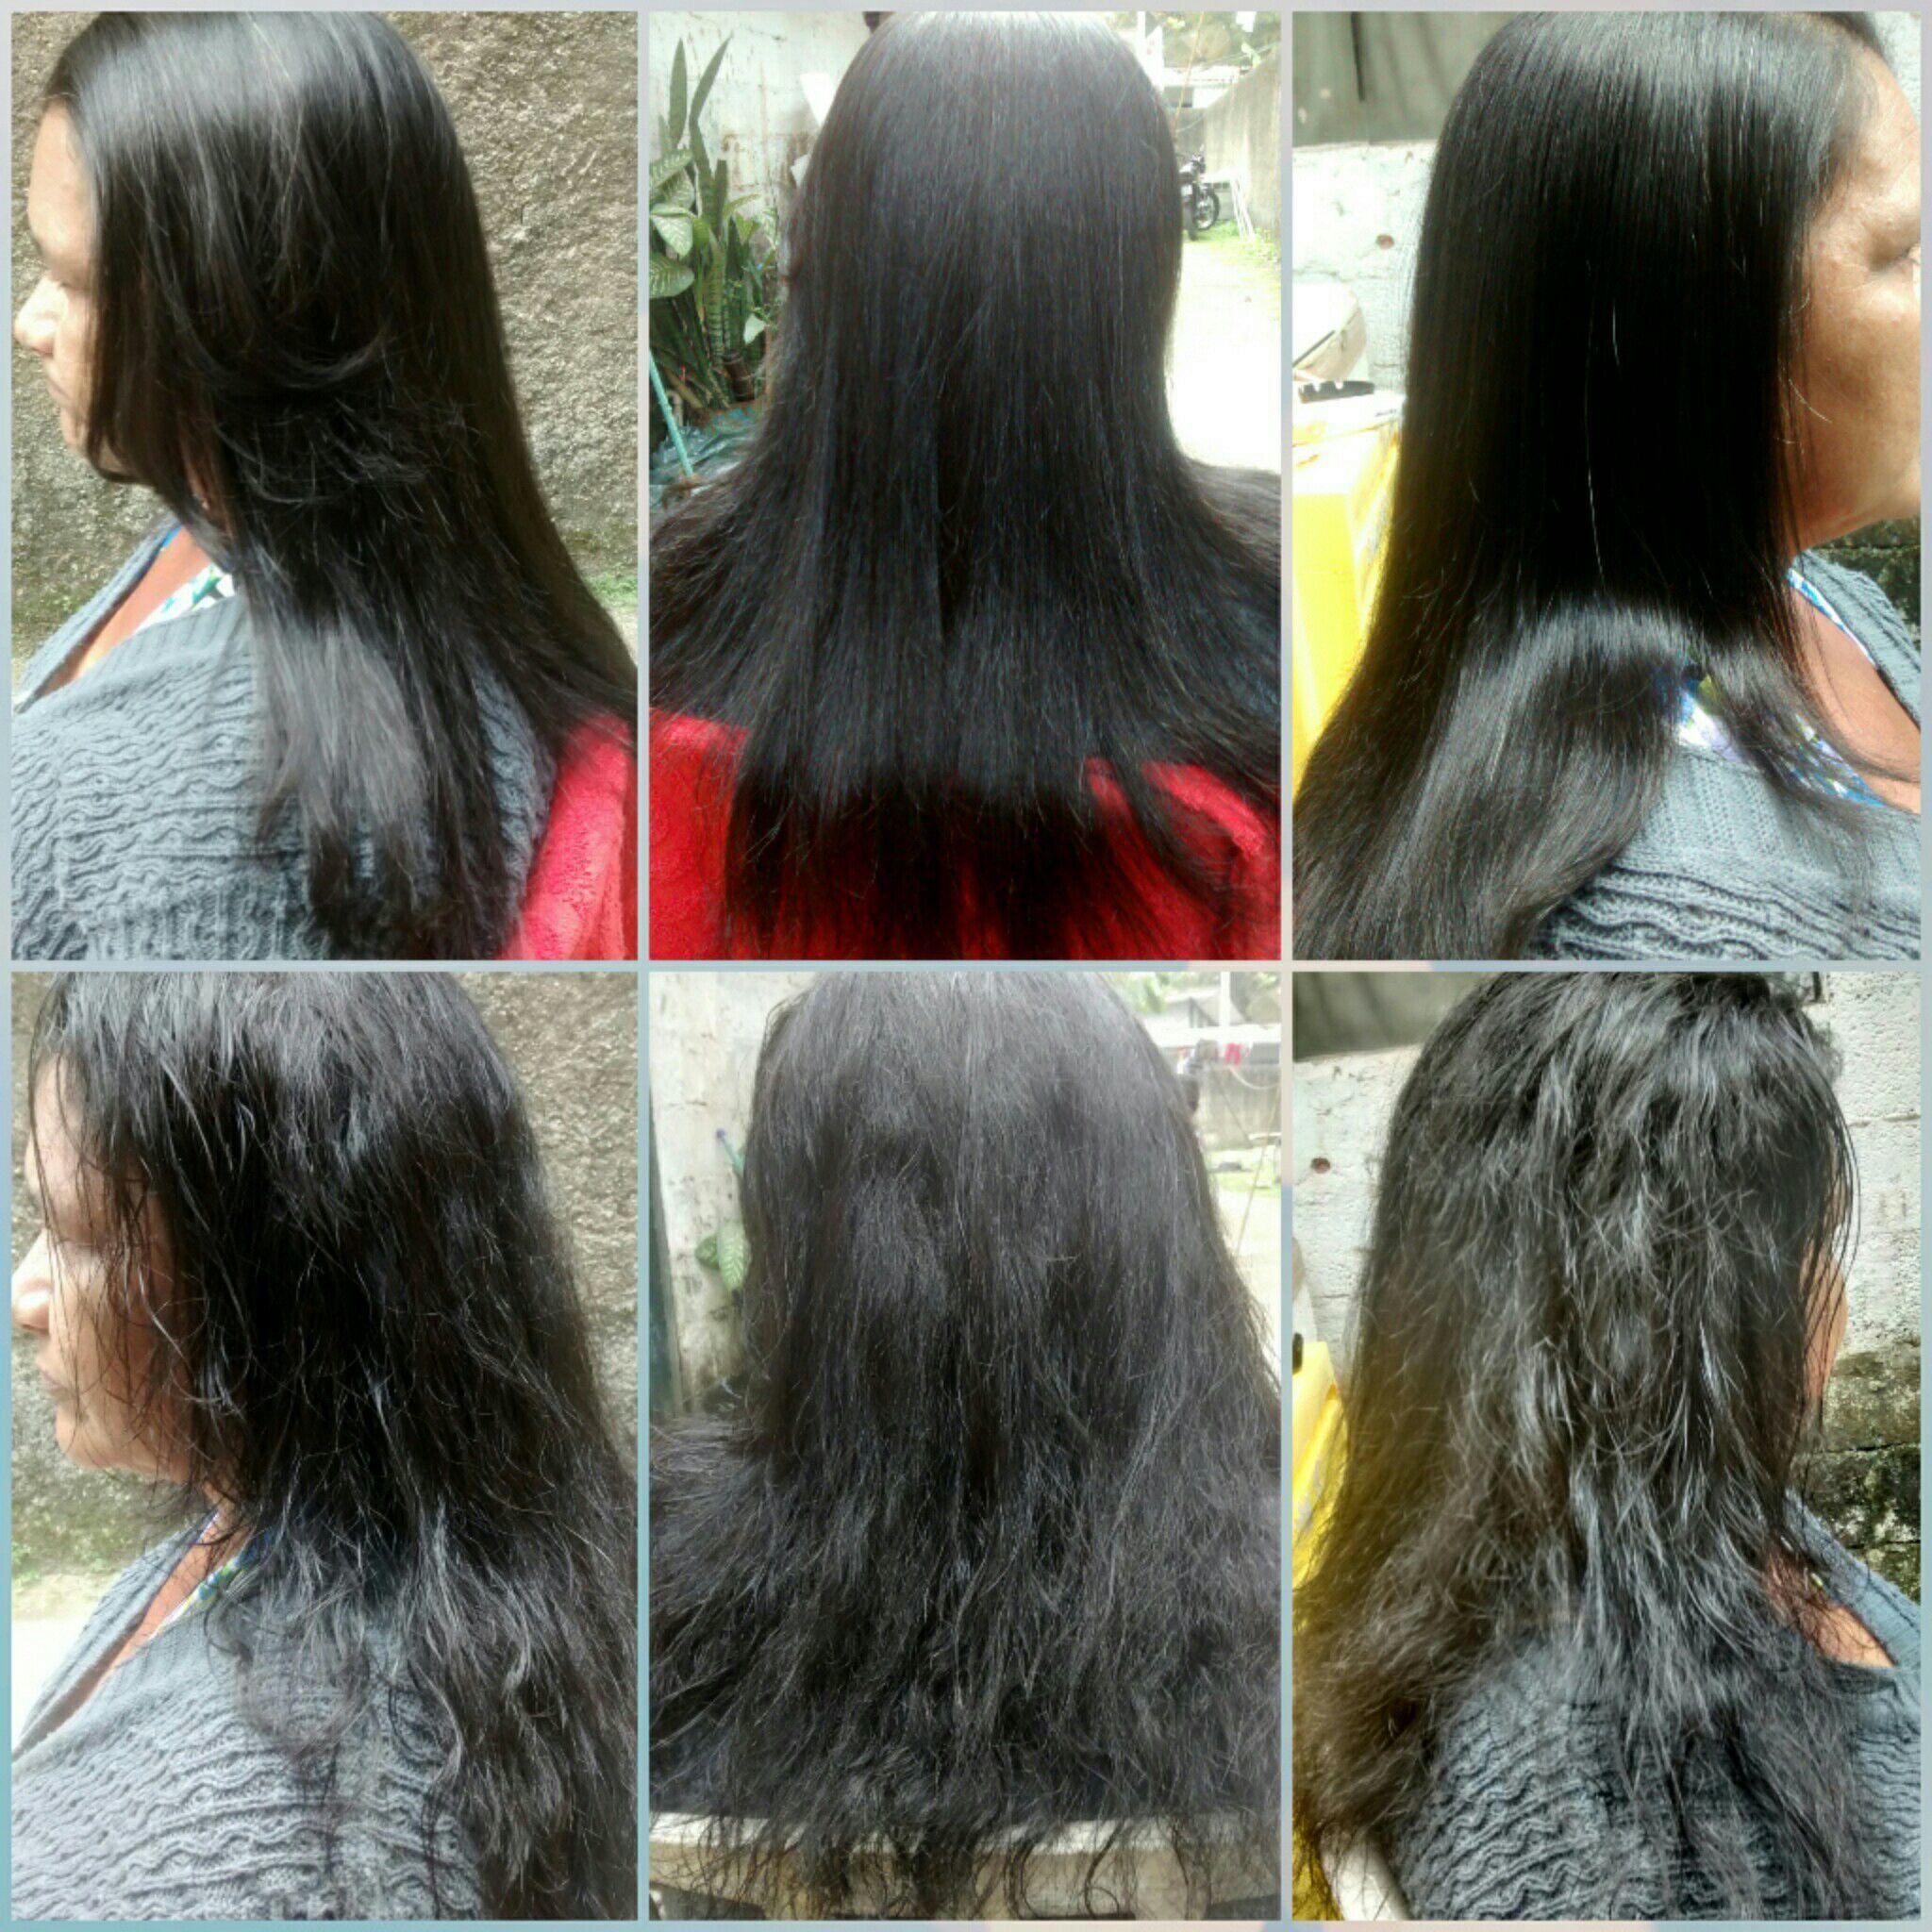 Progressiva Gradativa... 2°vez Alinhamento dos fios e diminuição do volume. cabelo auxiliar administrativo auxiliar cabeleireiro(a) recepcionista